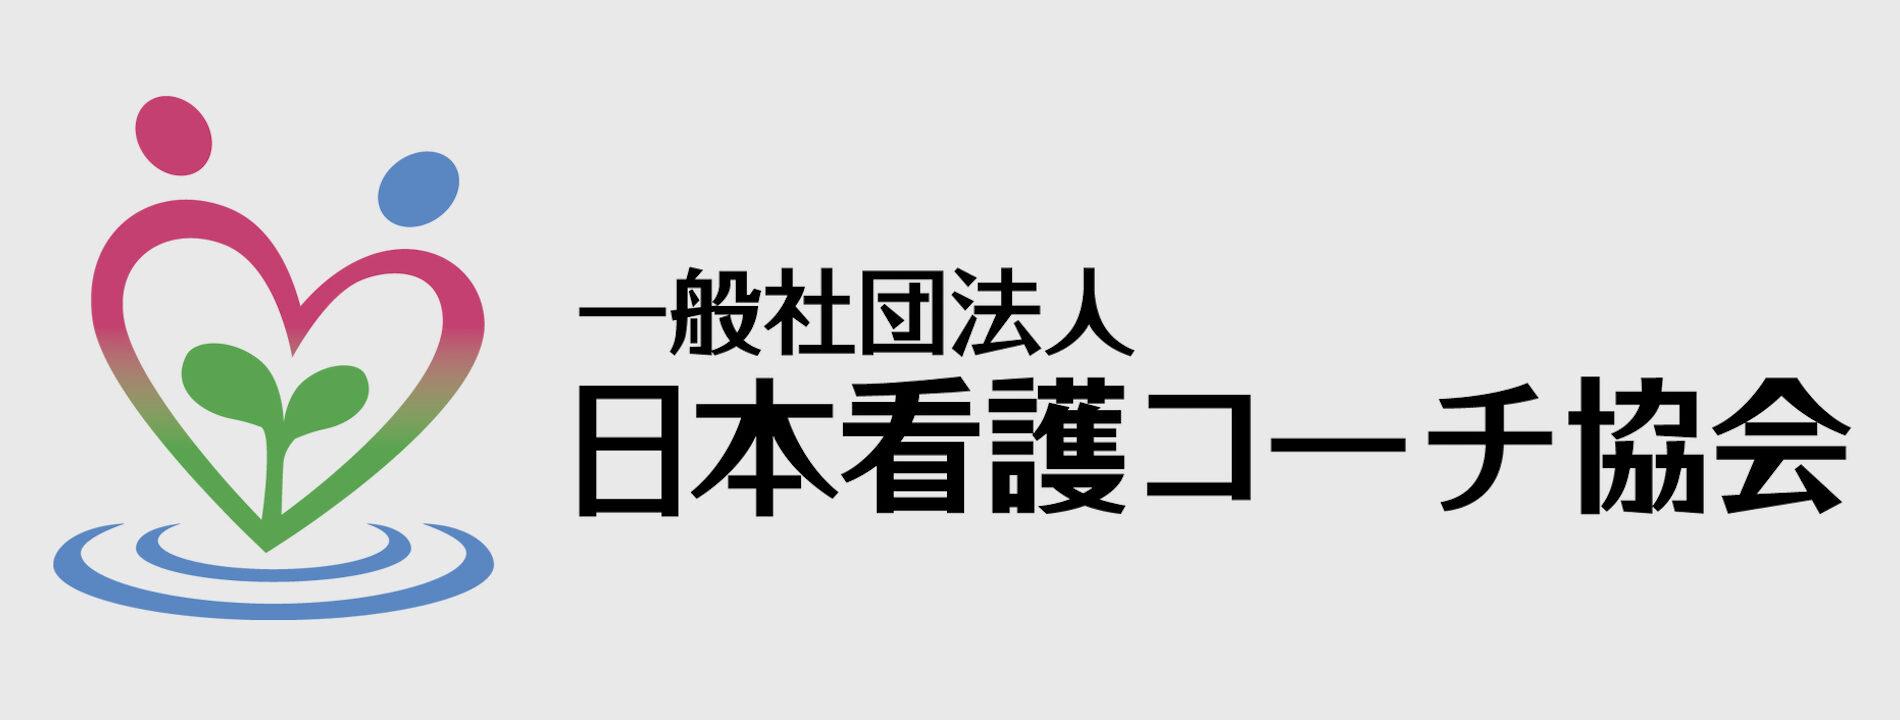 日本 看護 コーチ 協会 JNCA ベース コーチング 看護師 ナース Nurse Coaching 優しさ 思いやり Japan Nurse Coach Association